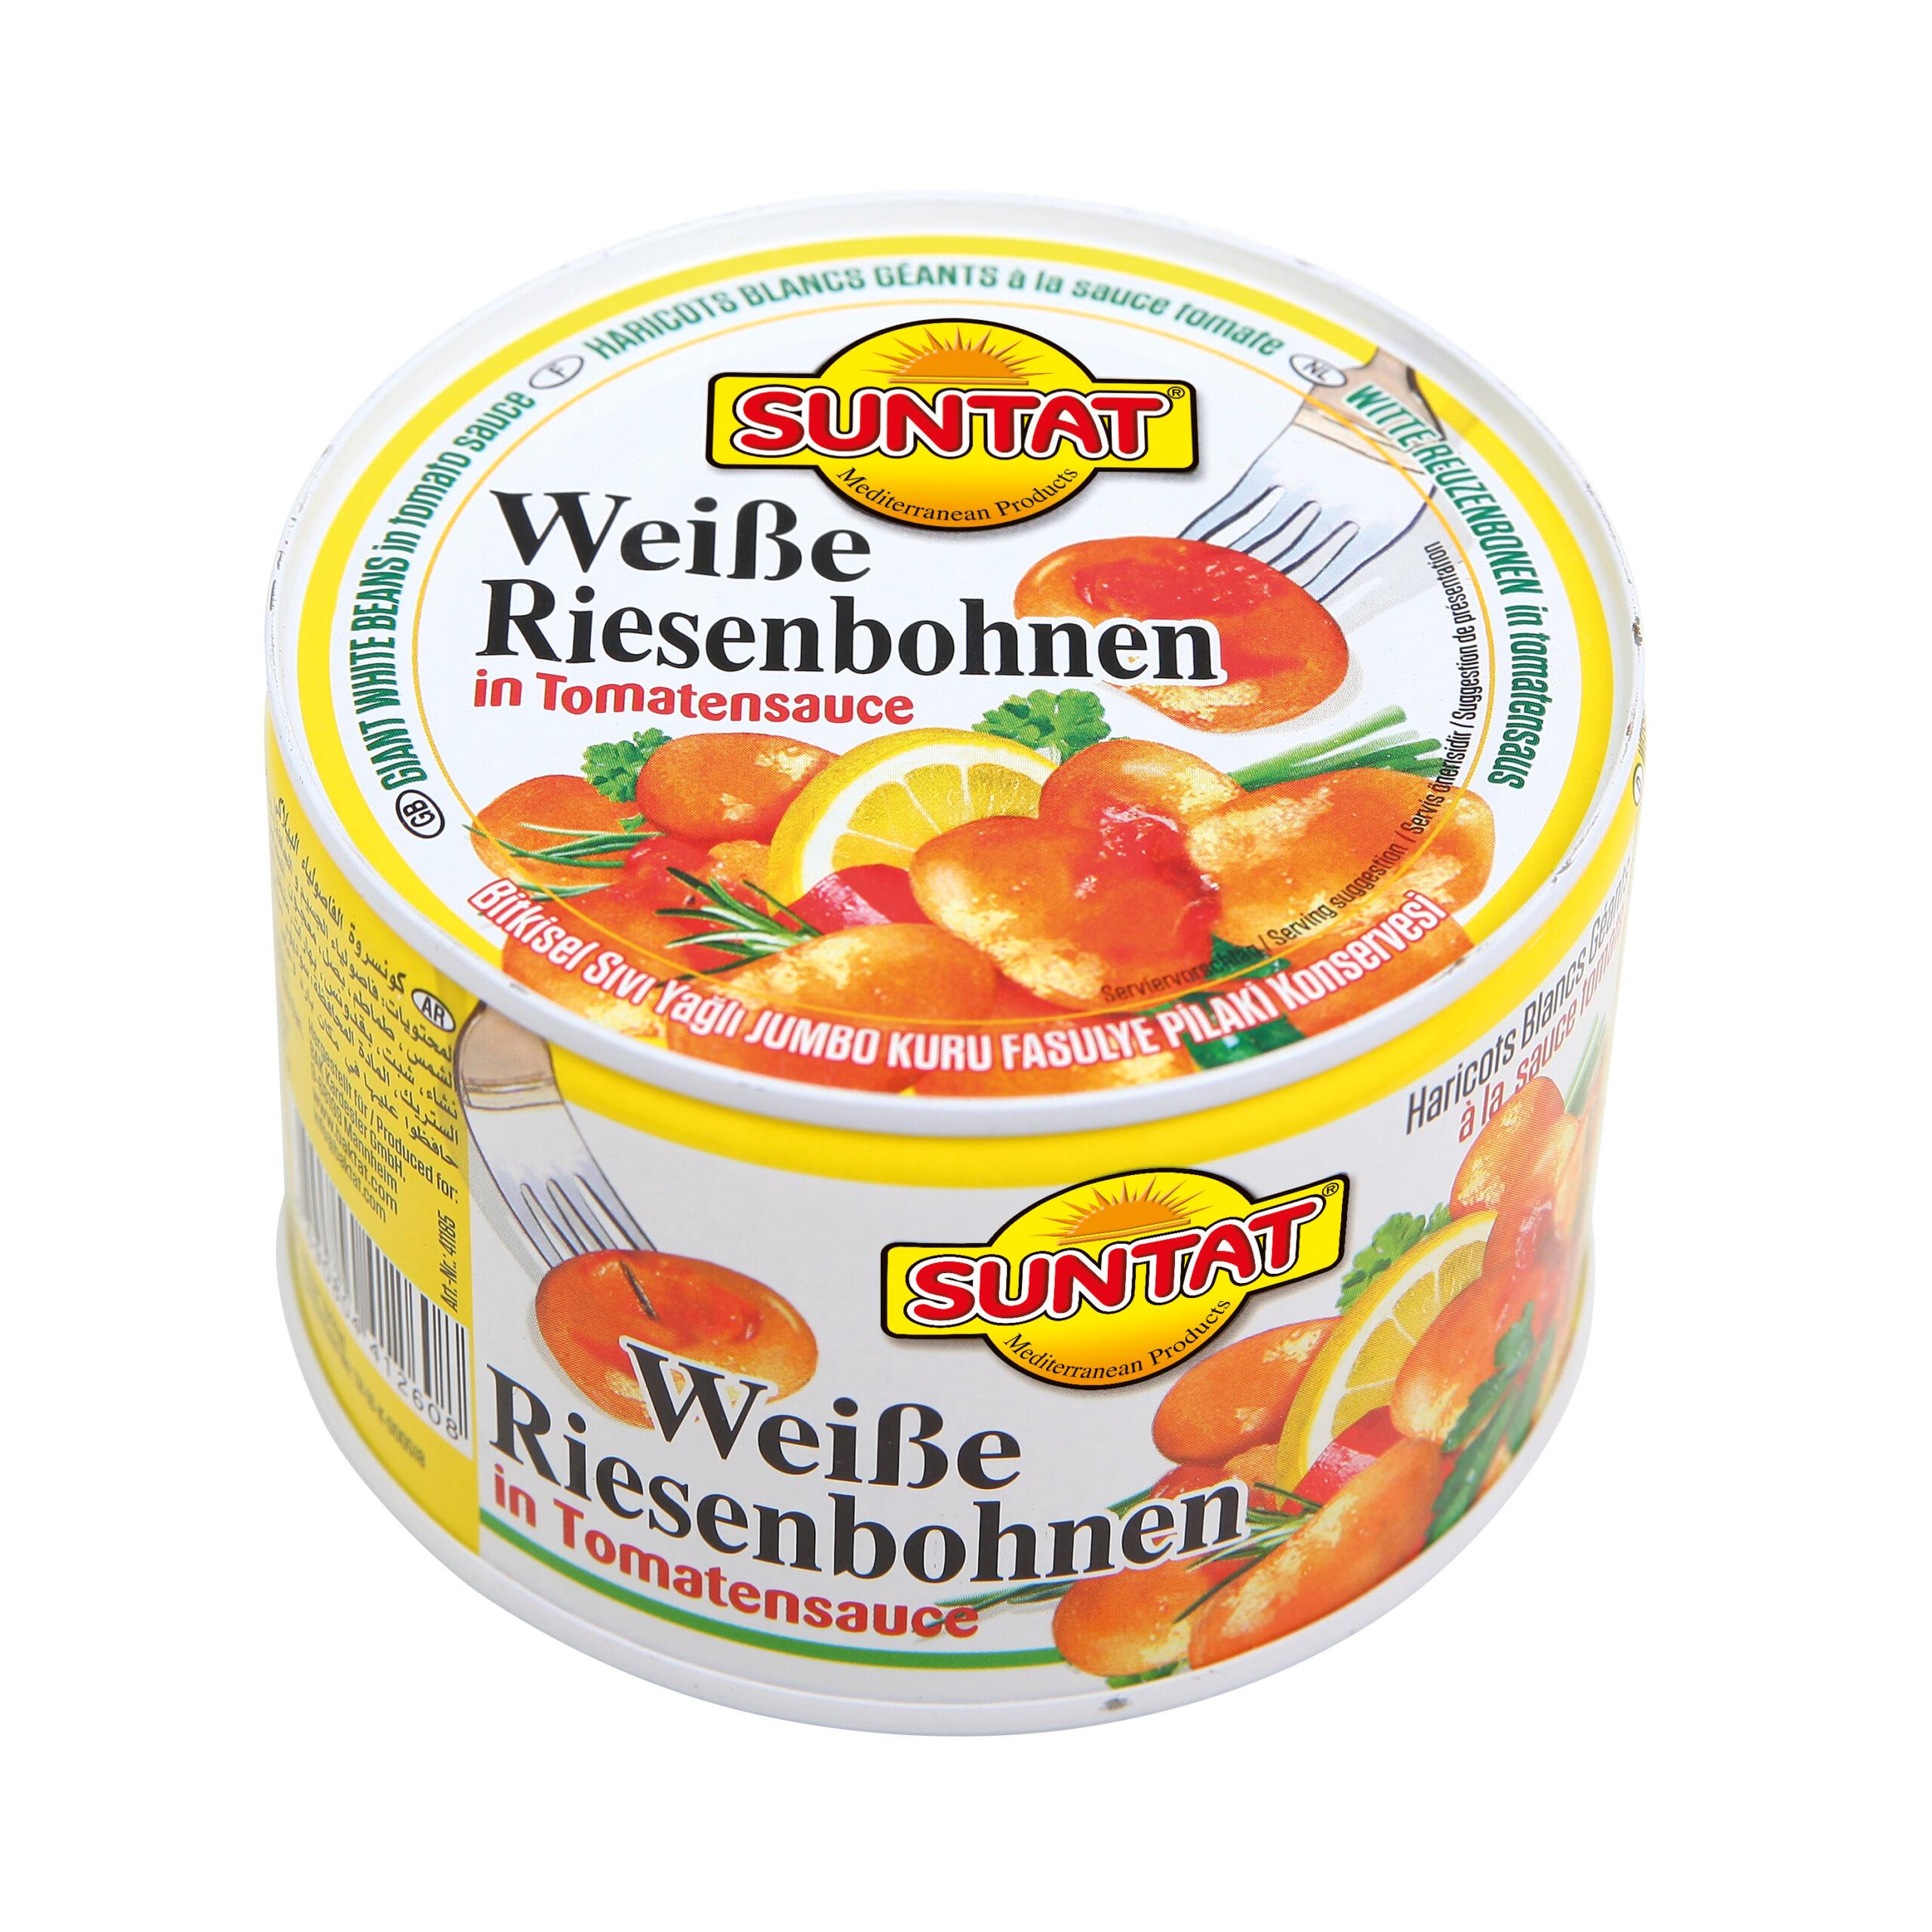 Suntat weiße Riesenbohnen in Tomatensauce